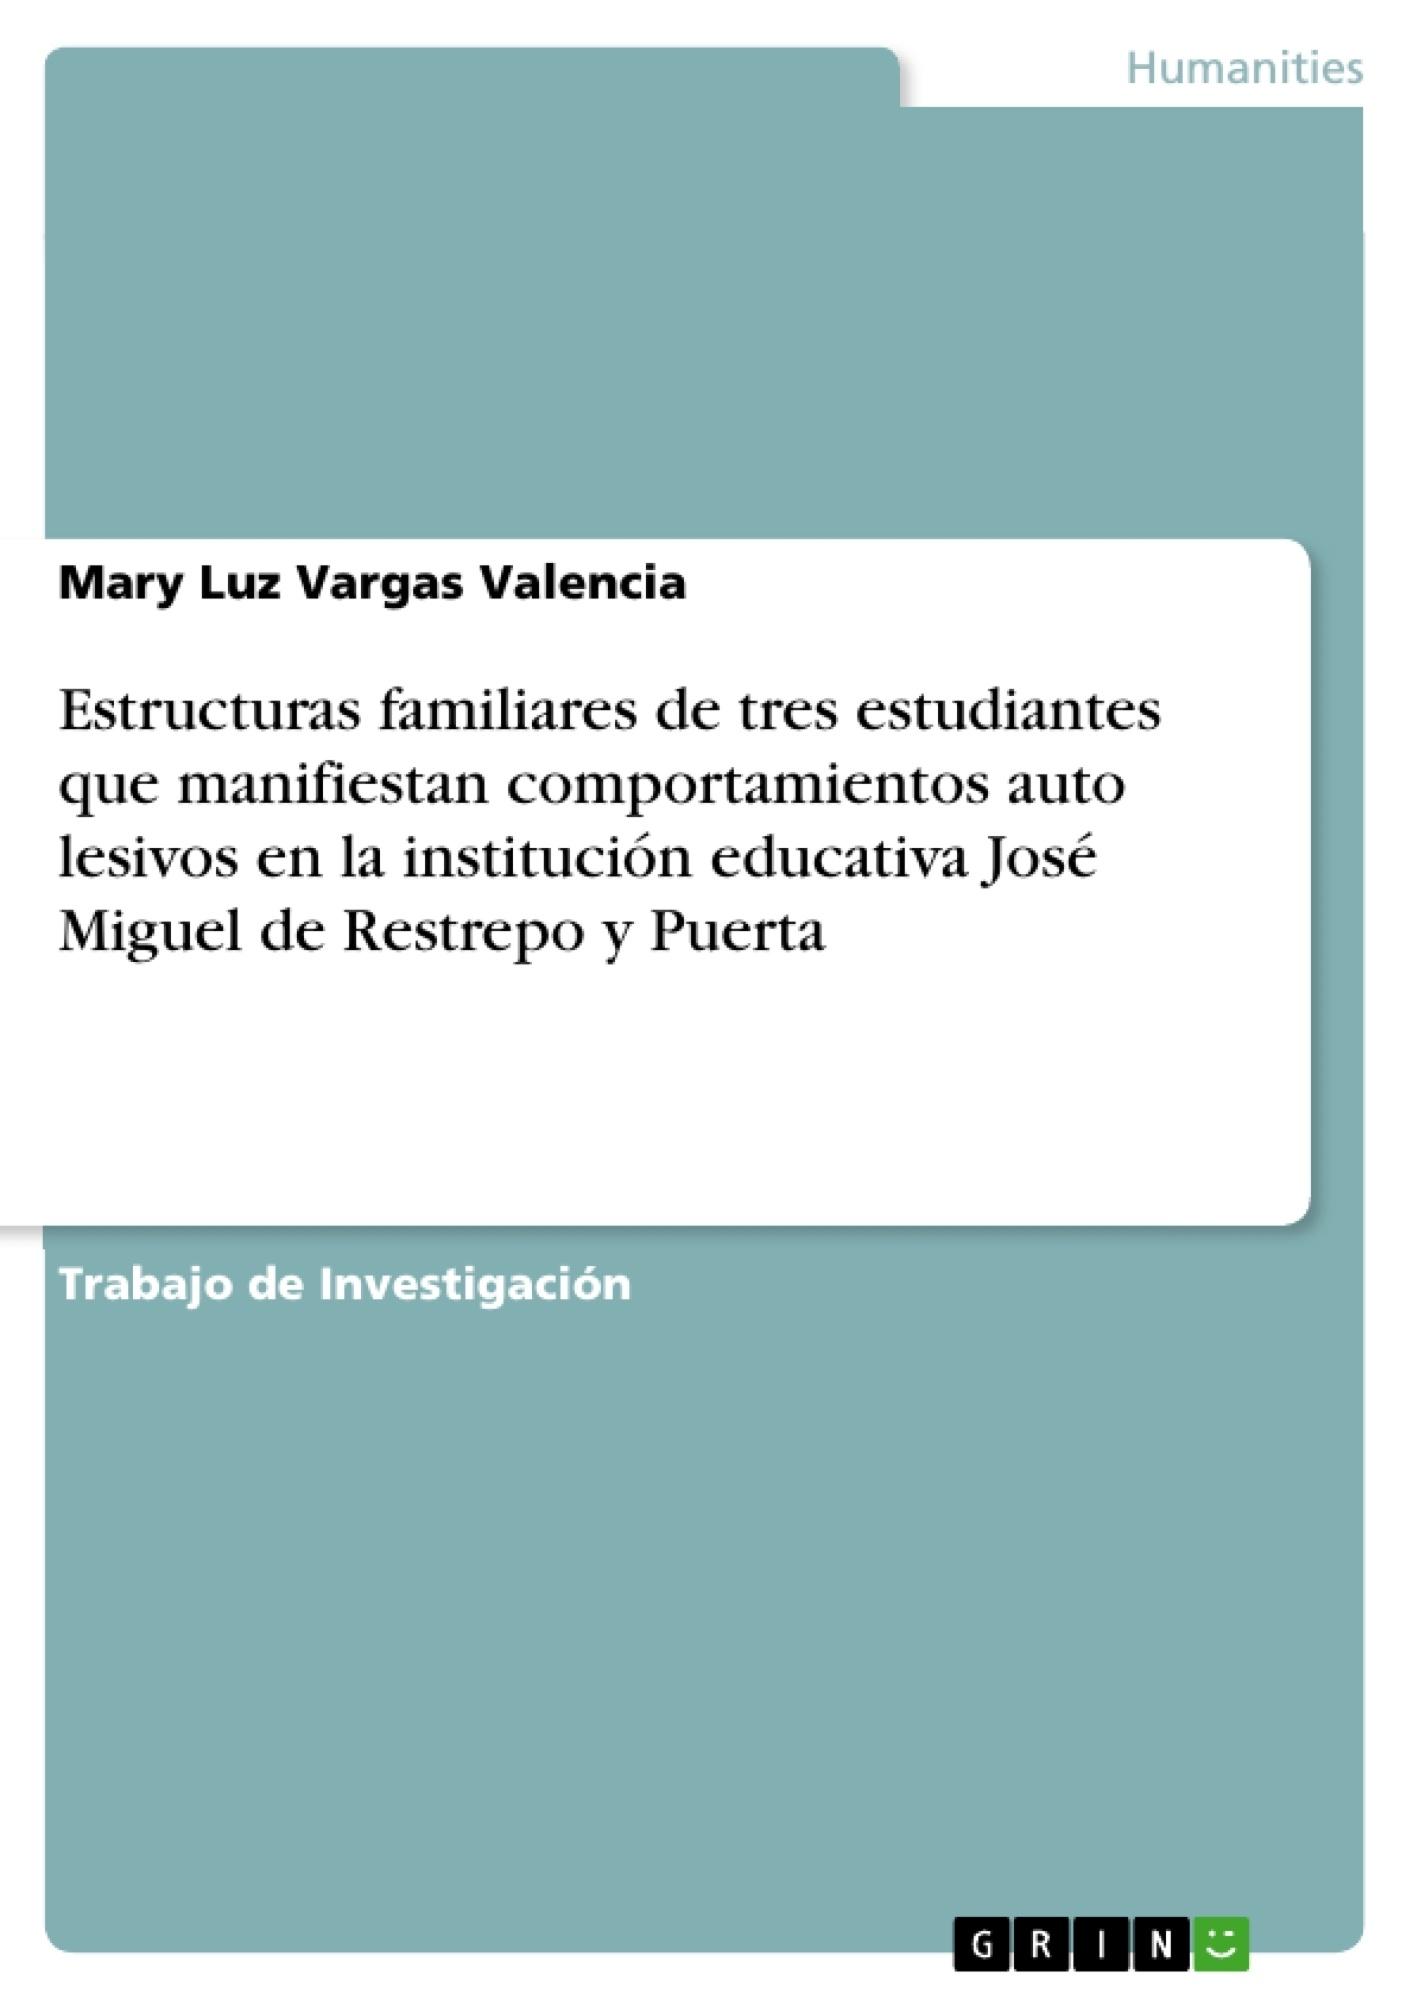 Título: Estructuras familiares de tres estudiantes que manifiestan comportamientos auto lesivos en la institución educativa José Miguel de Restrepo y Puerta